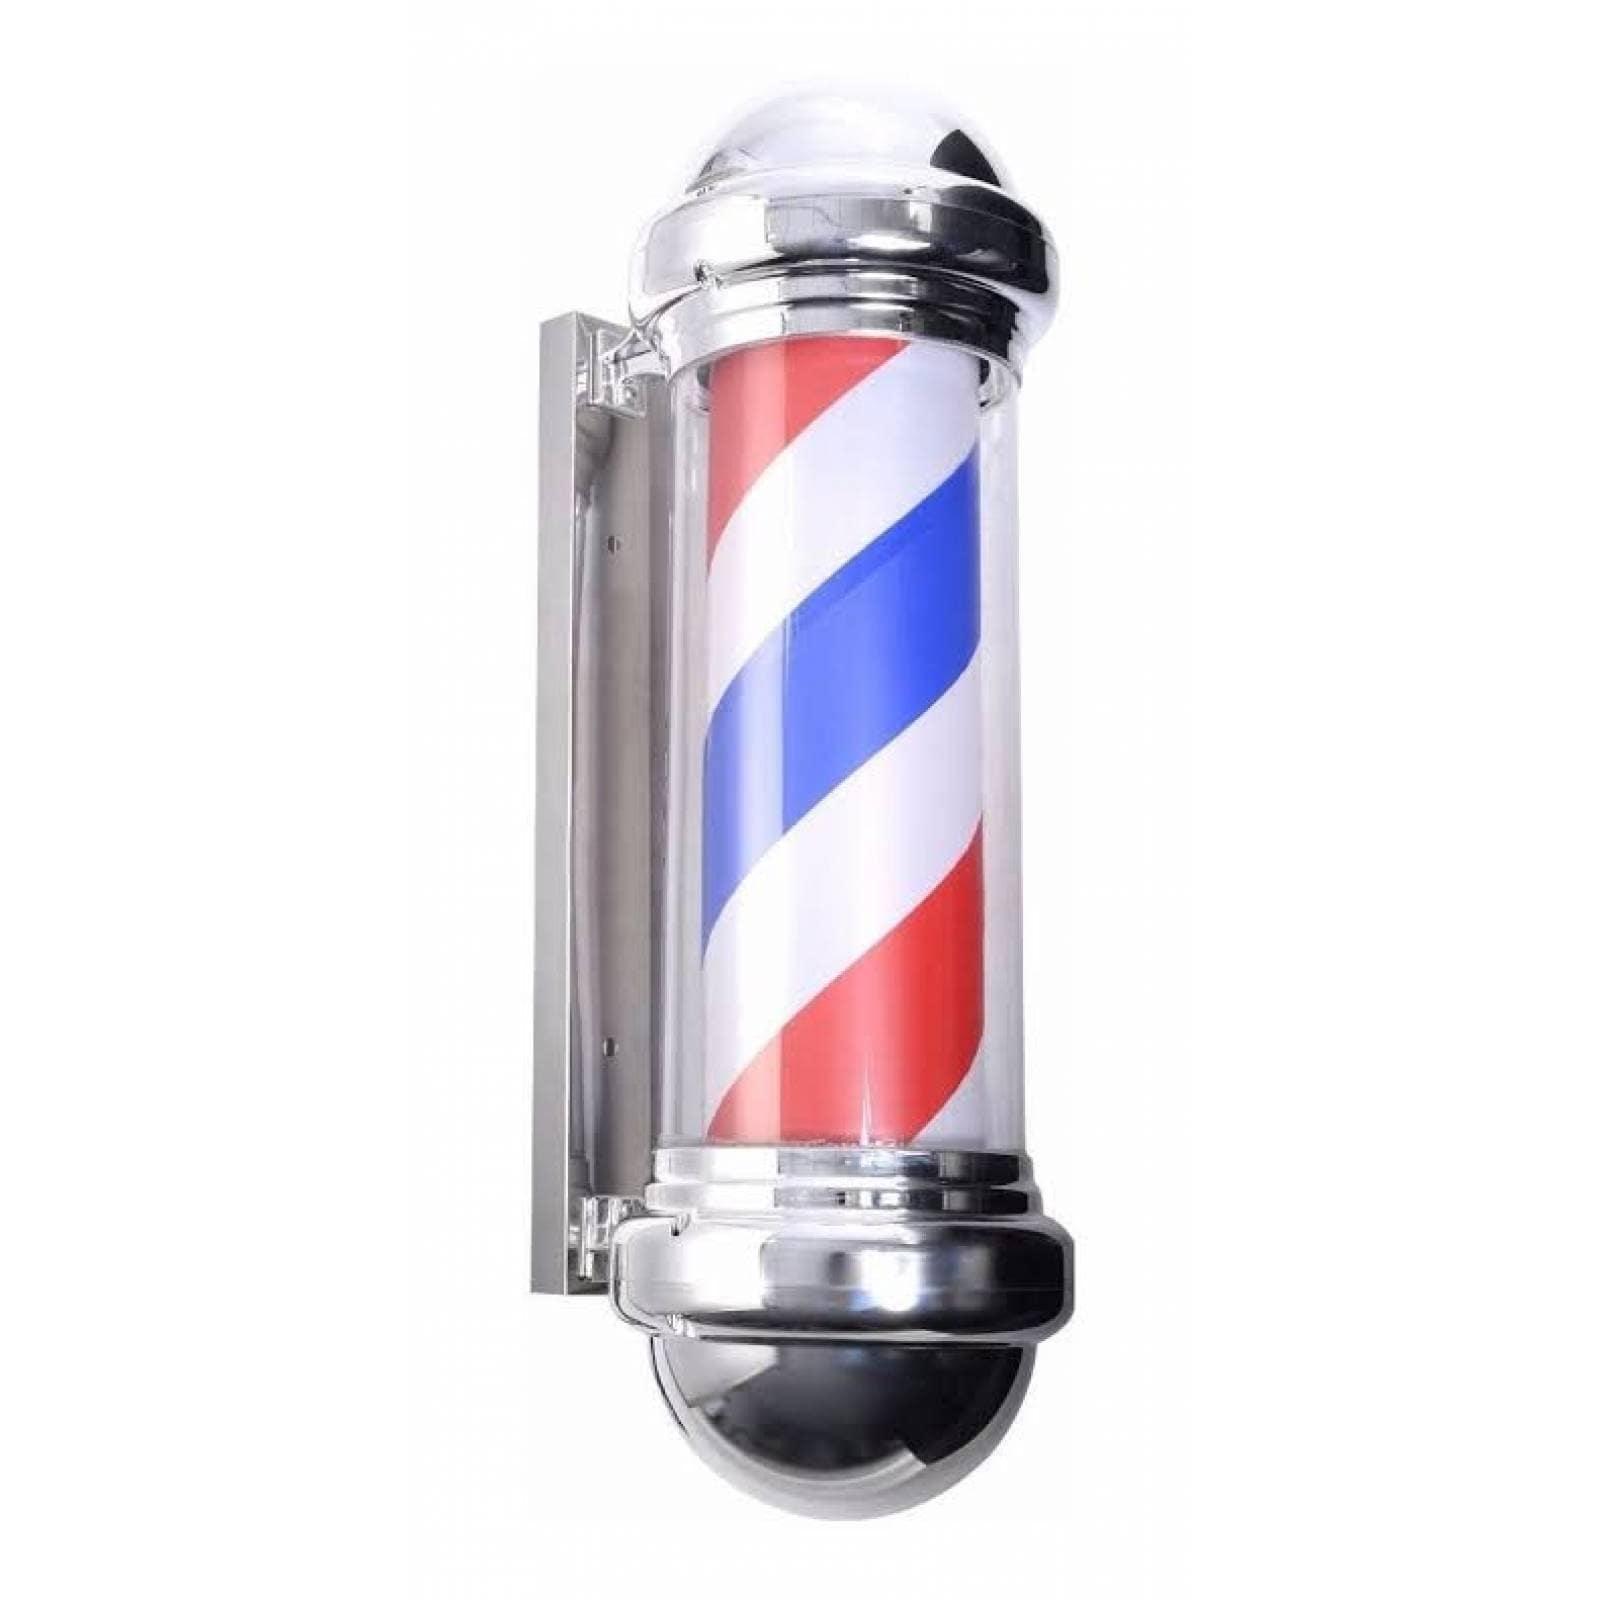 Caramelo para barbería, Luces de Barbería, Mediano